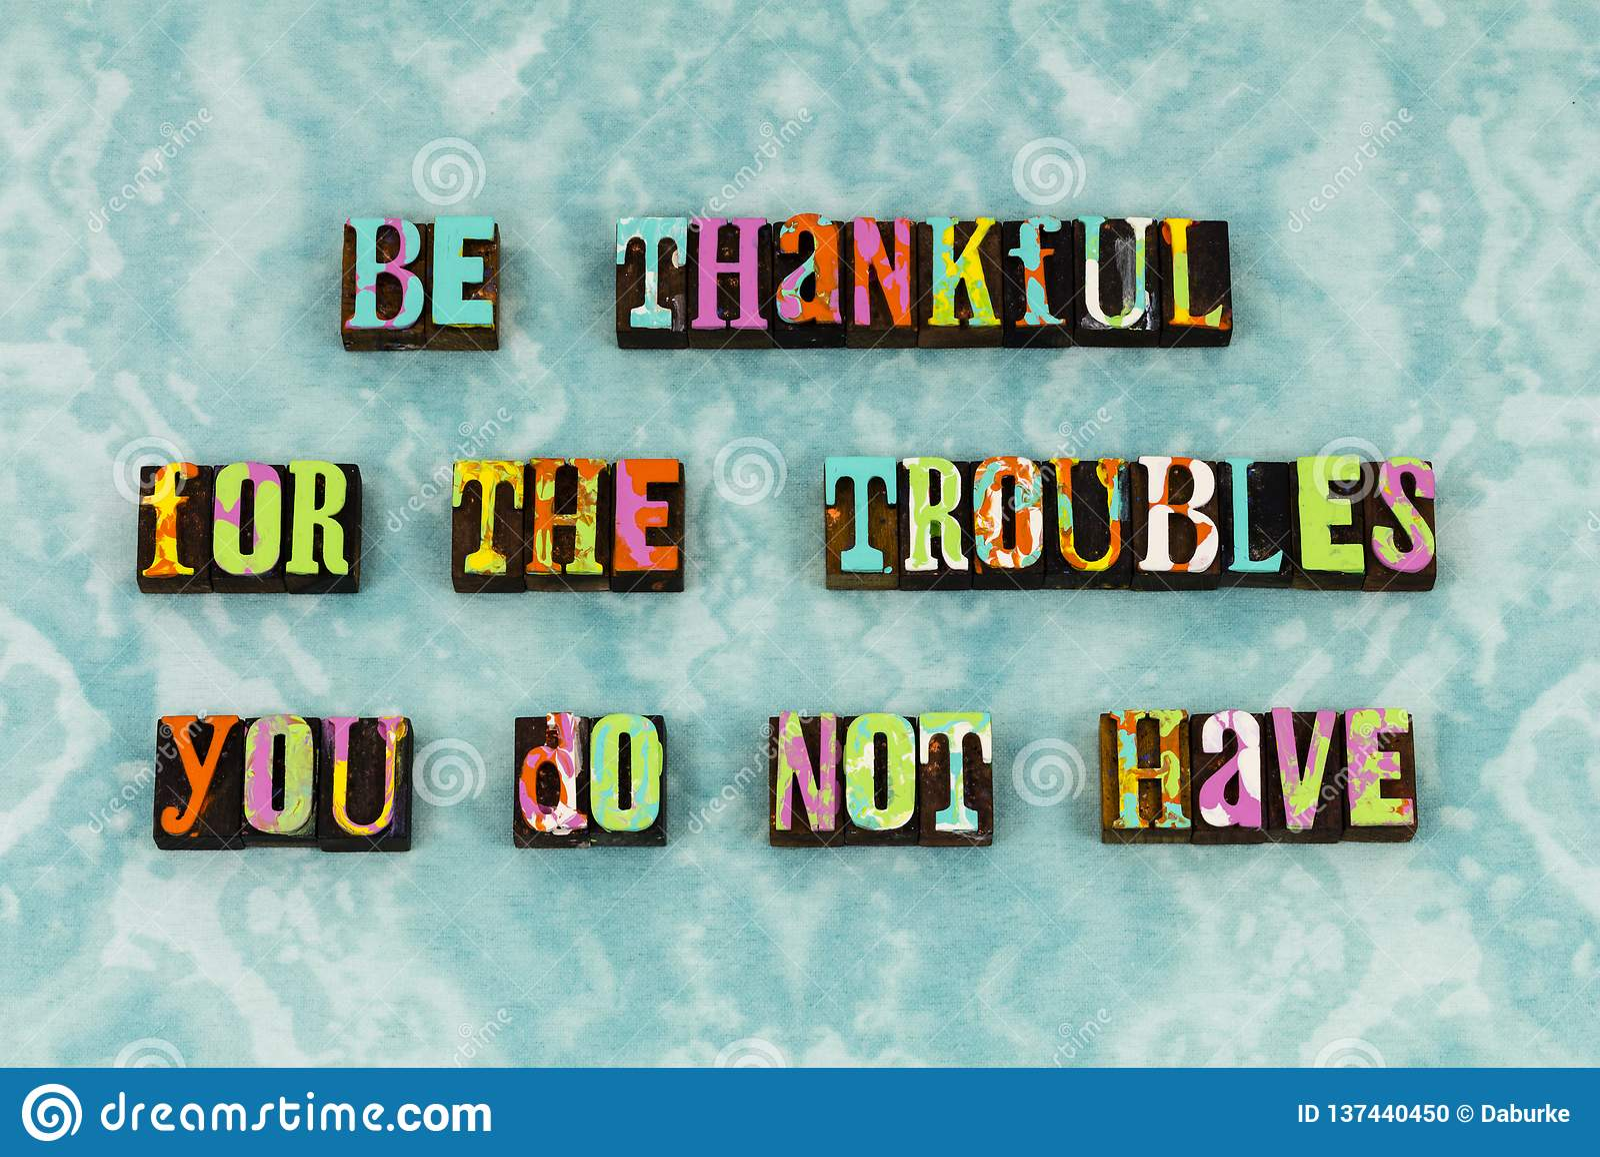 Dziękczynny wdzięczny błogosławiony kłopot radości letterpress